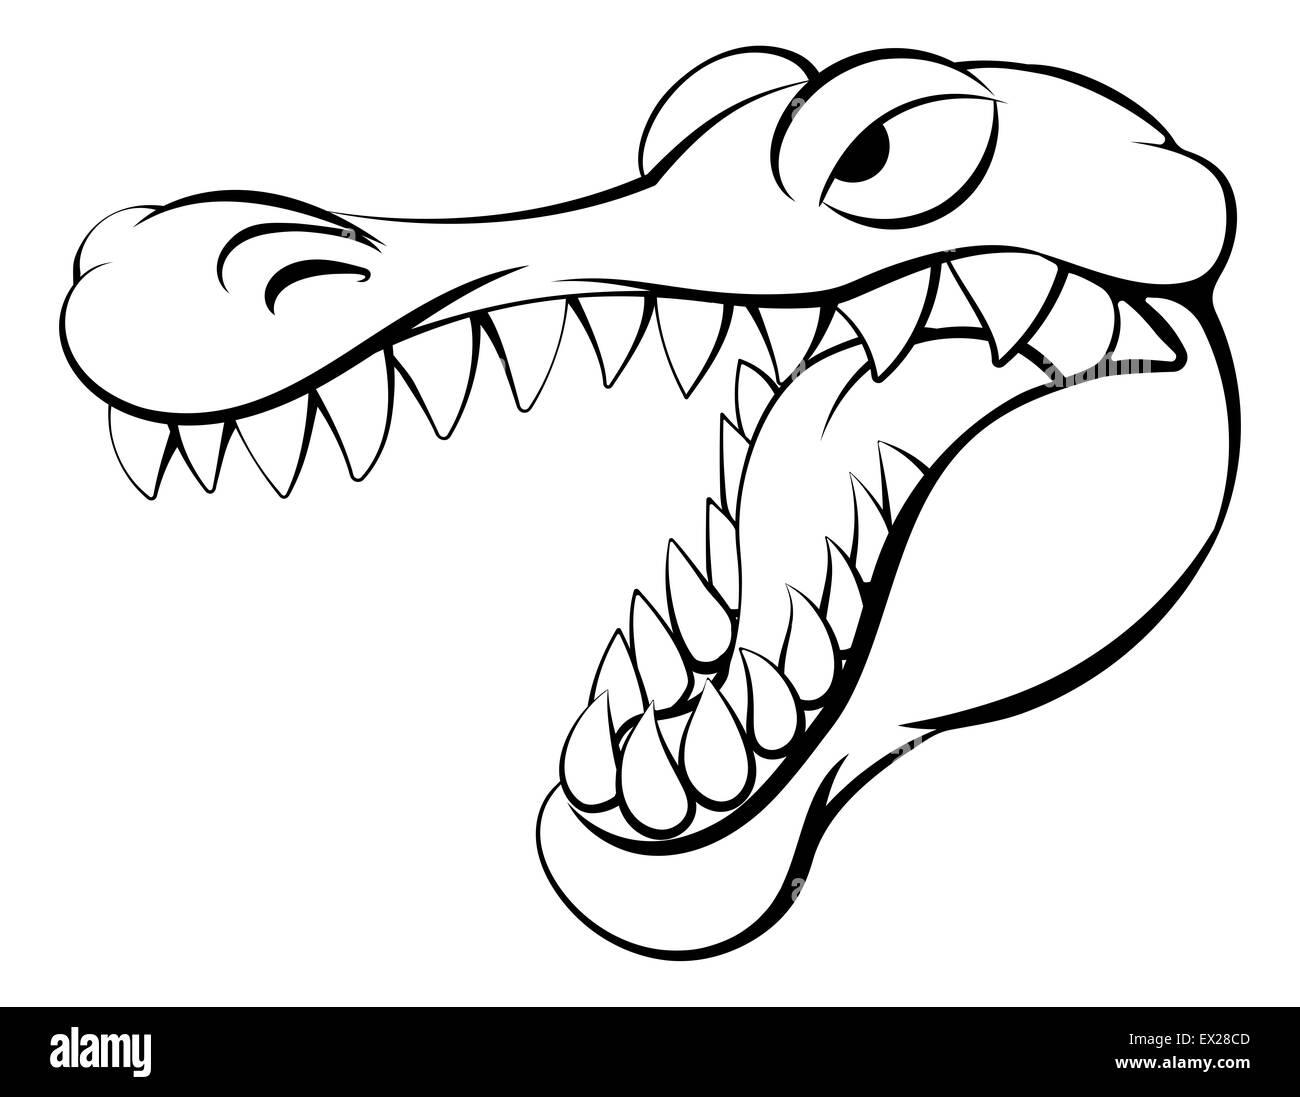 Un Dessin Anime Crocodile Ou Alligator Photo Stock Alamy